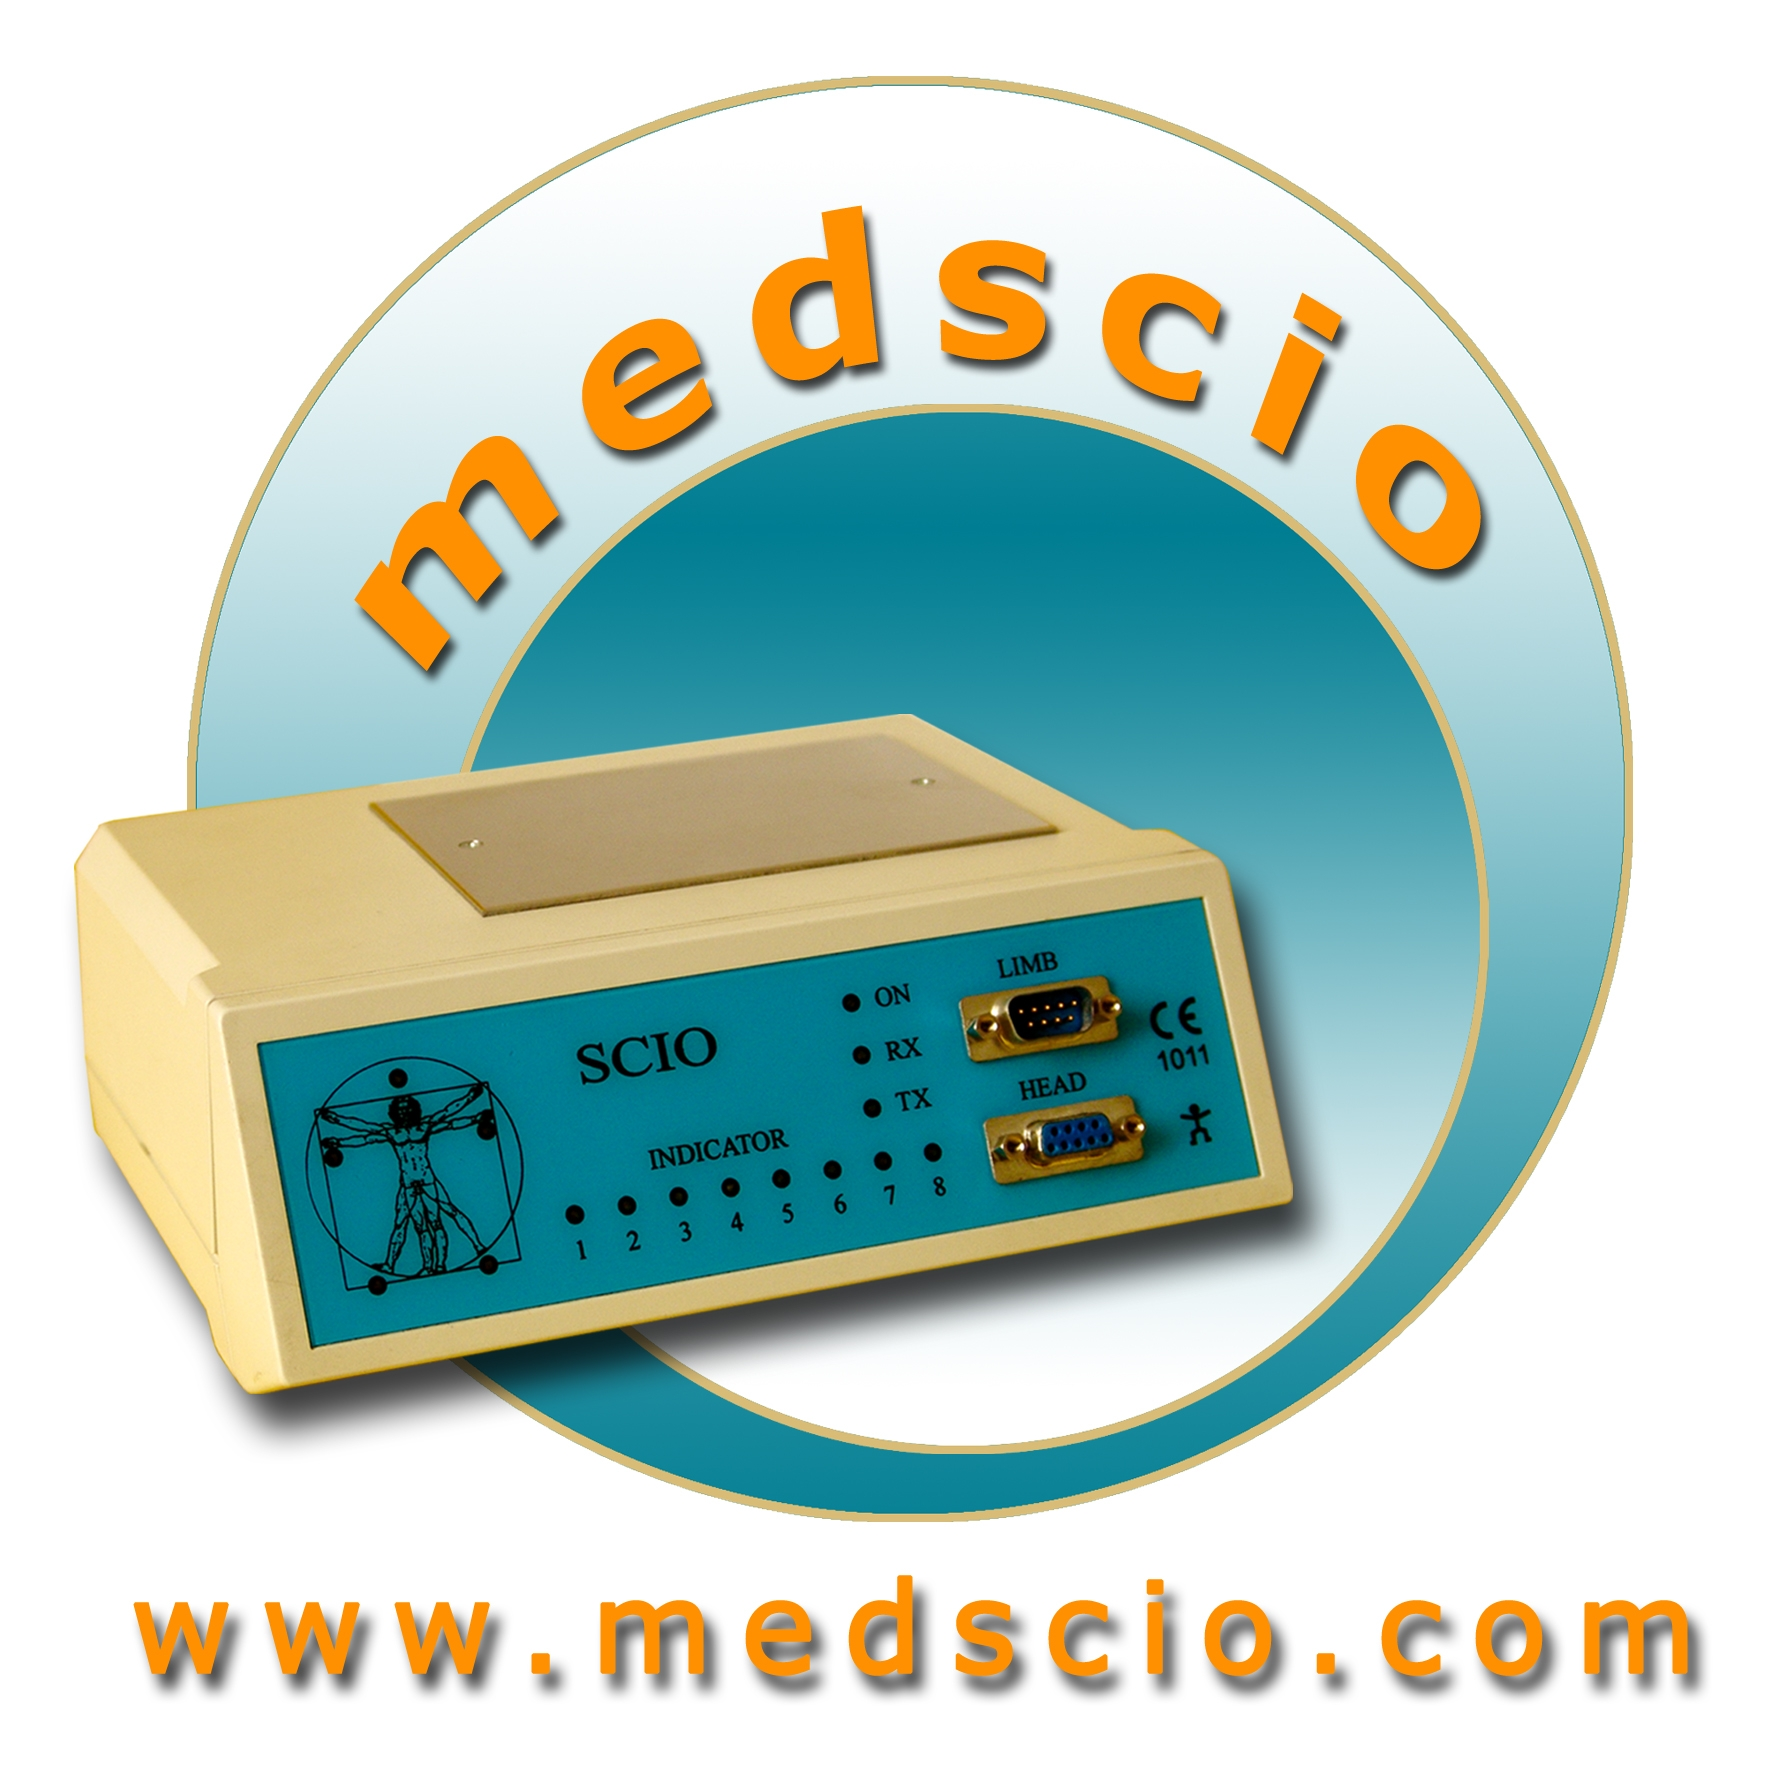 MedSCIO